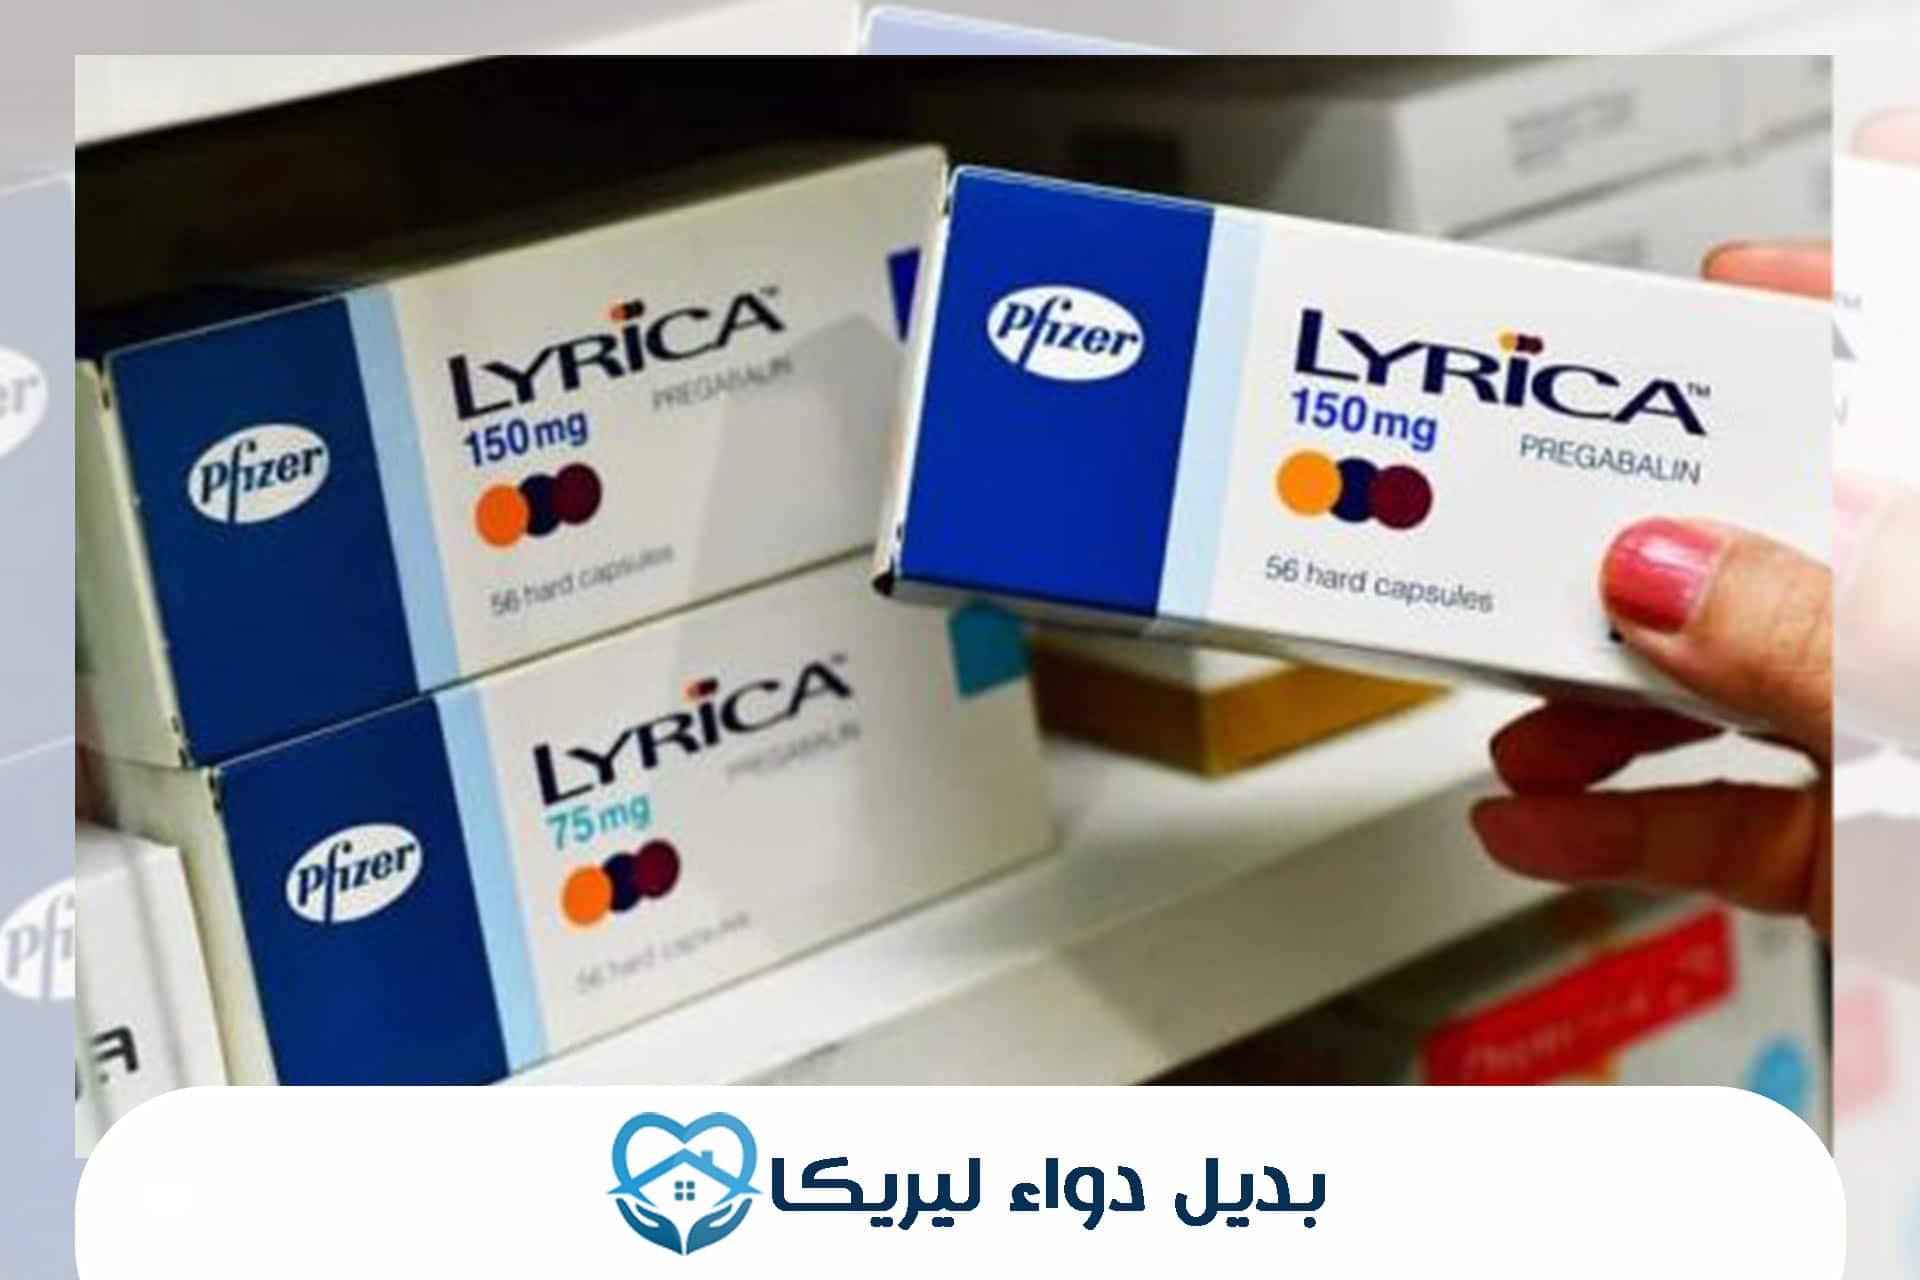 ما هو بديل دواء ليريكا وهل يمكن تناوله بدون طبيب مستشفى التعافي